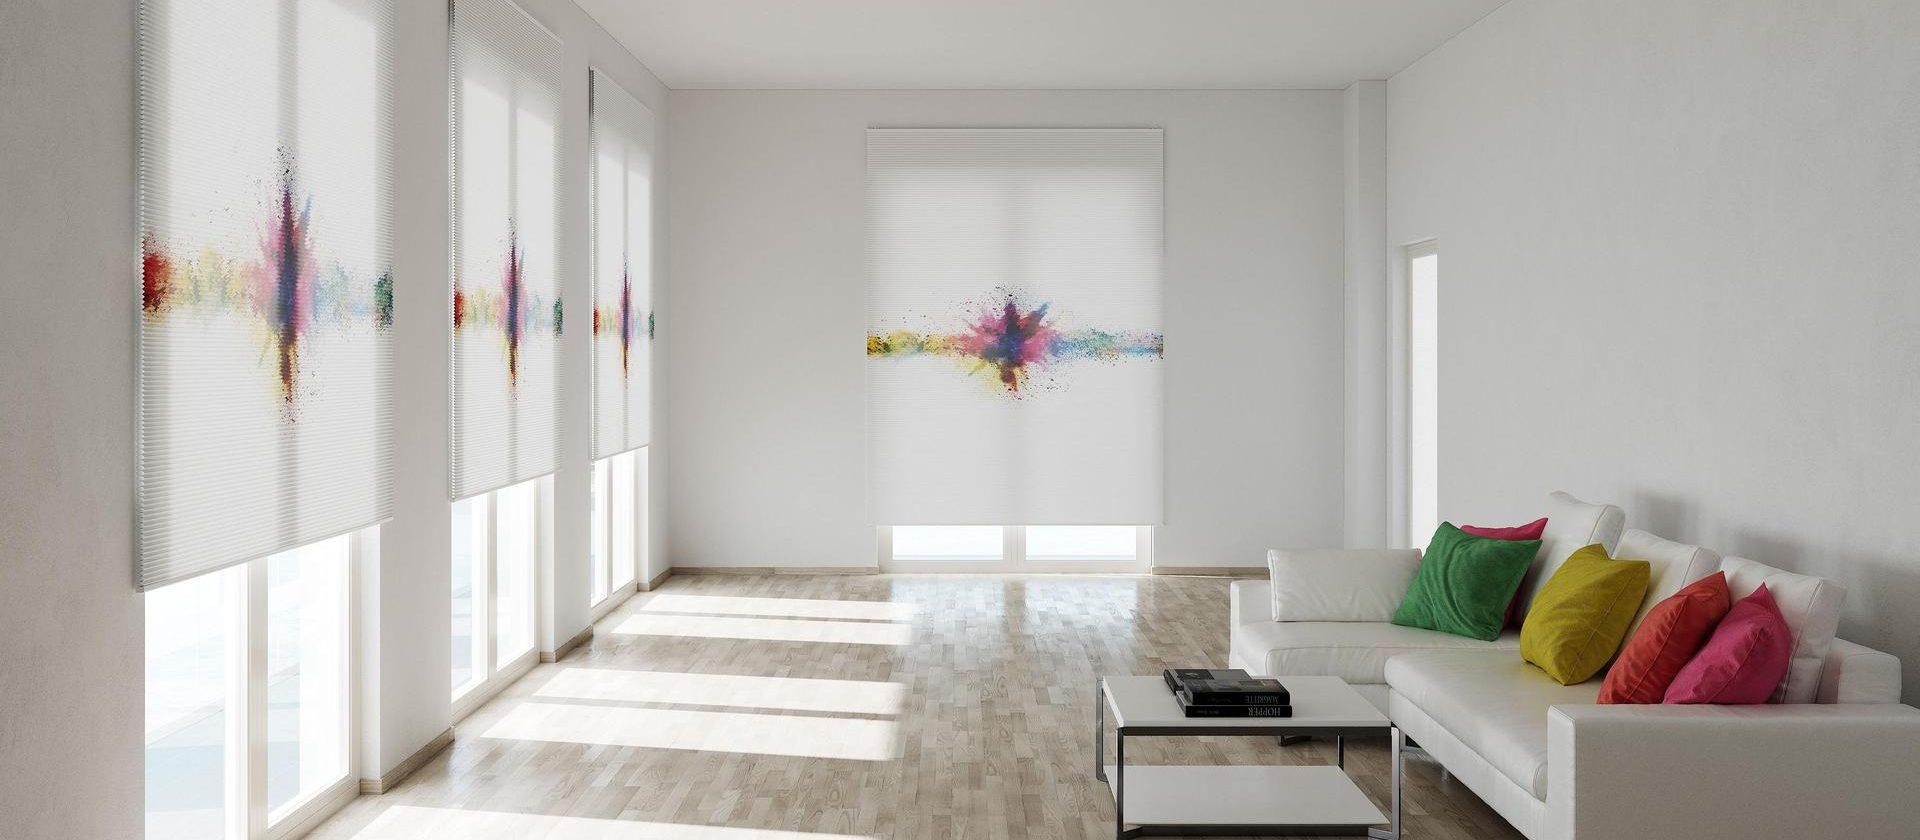 Sonnenschutz Ideen und Lösungen von Engstler Raumdesign Leutkirch.